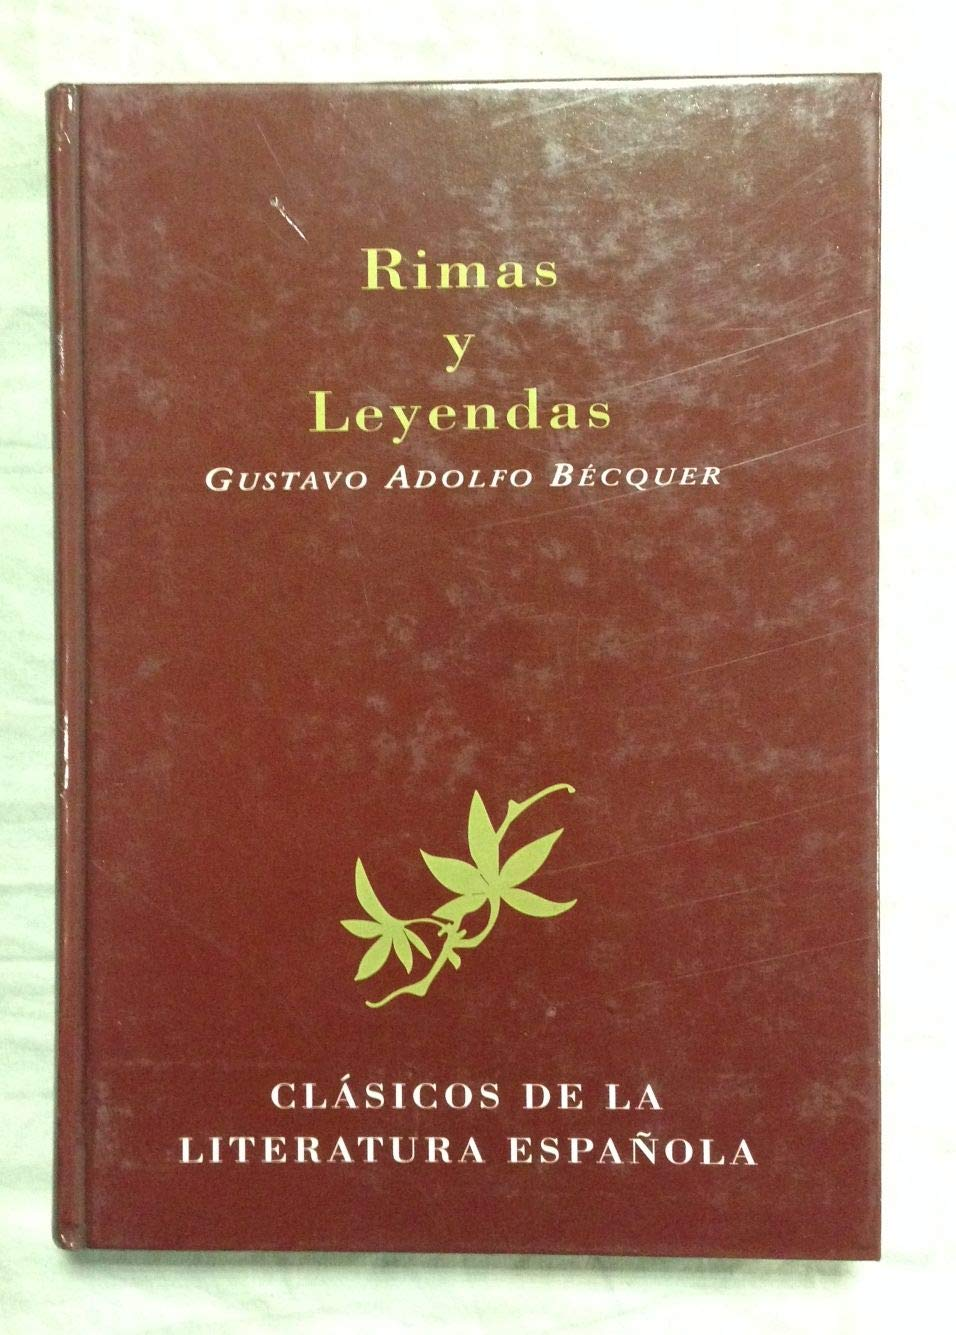 Rimas y Leyendas (Clásicos de la literatura española): Amazon.es: Gustavo Adolfo Bécquer: Libros